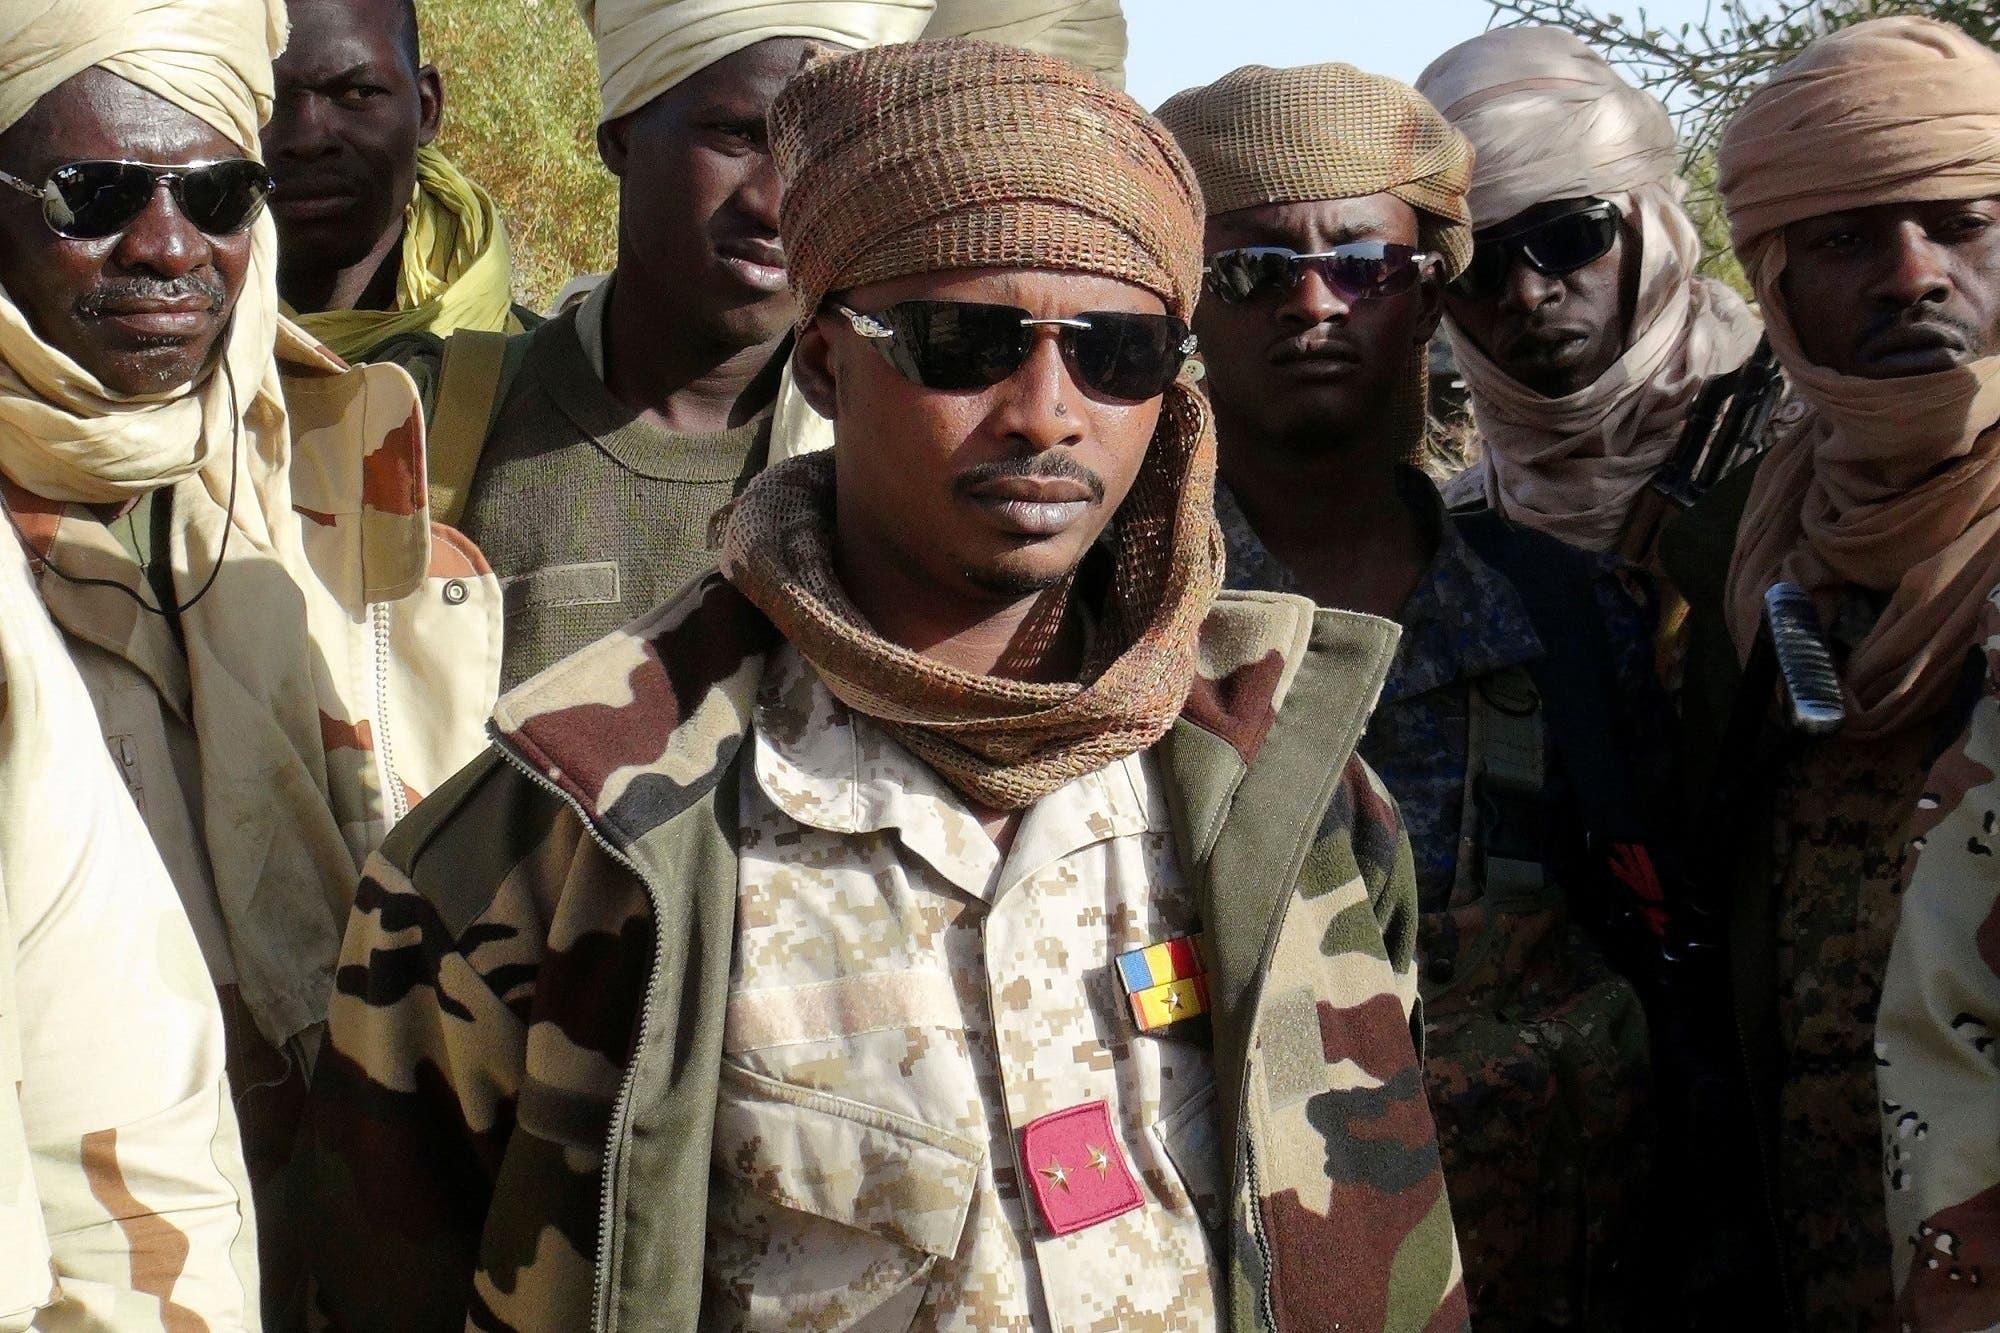 محمد إدريس ديبي إيتمو، ابن رئيس تشاد الراحل إدريس ديبي، وضباط من الجيش.